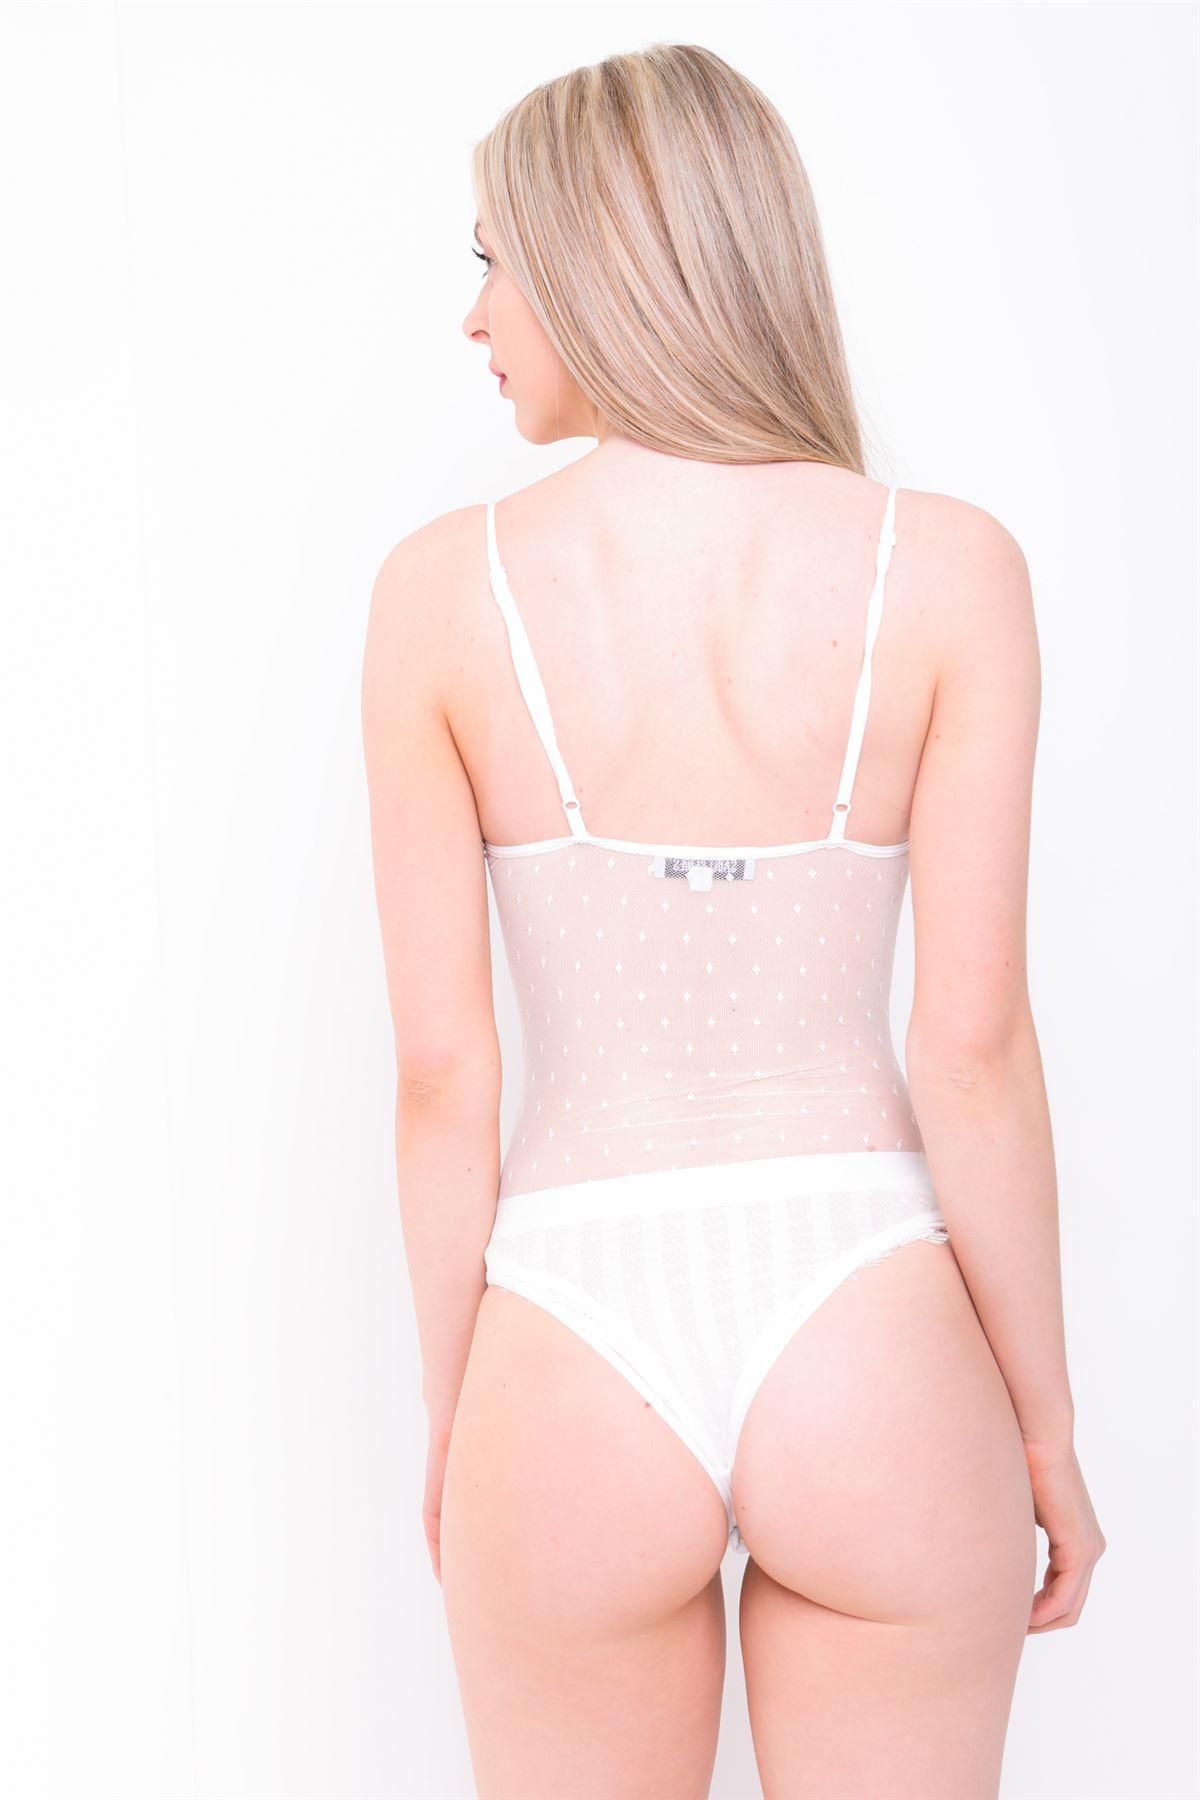 dentelle-femmes-Body-noir-a-pois-moulant-maille-Justaucorps-lingerie-transparent